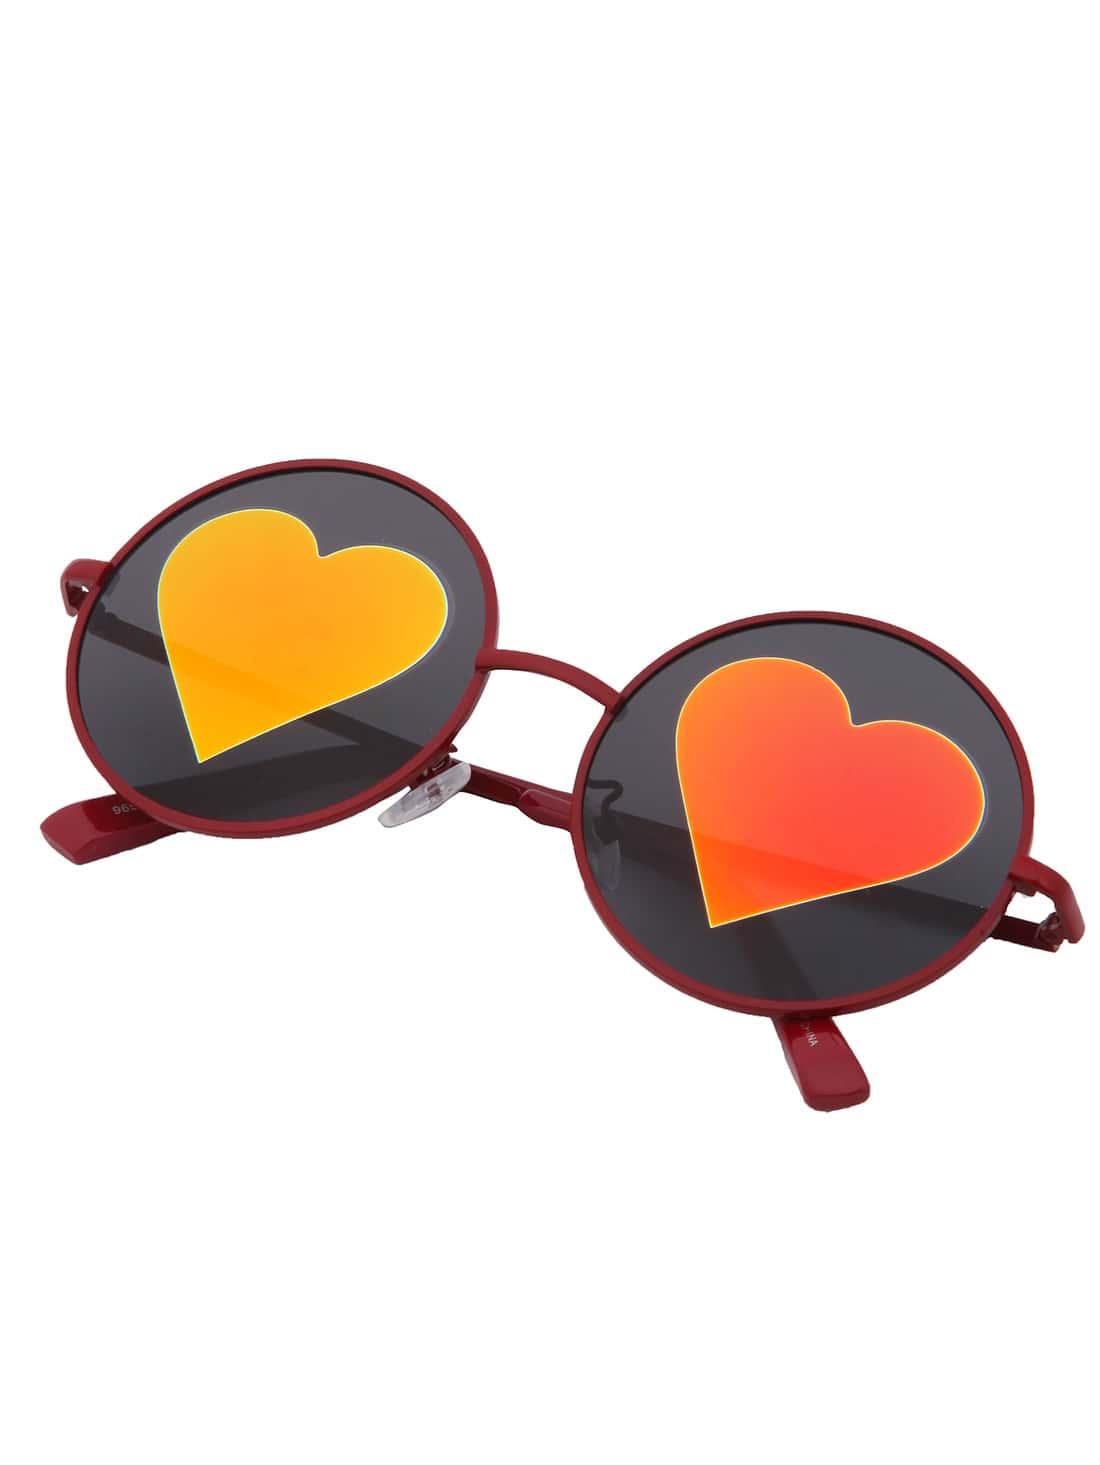 sonnenbrille mit weinrotem rahmen und runden gl sern german shein. Black Bedroom Furniture Sets. Home Design Ideas